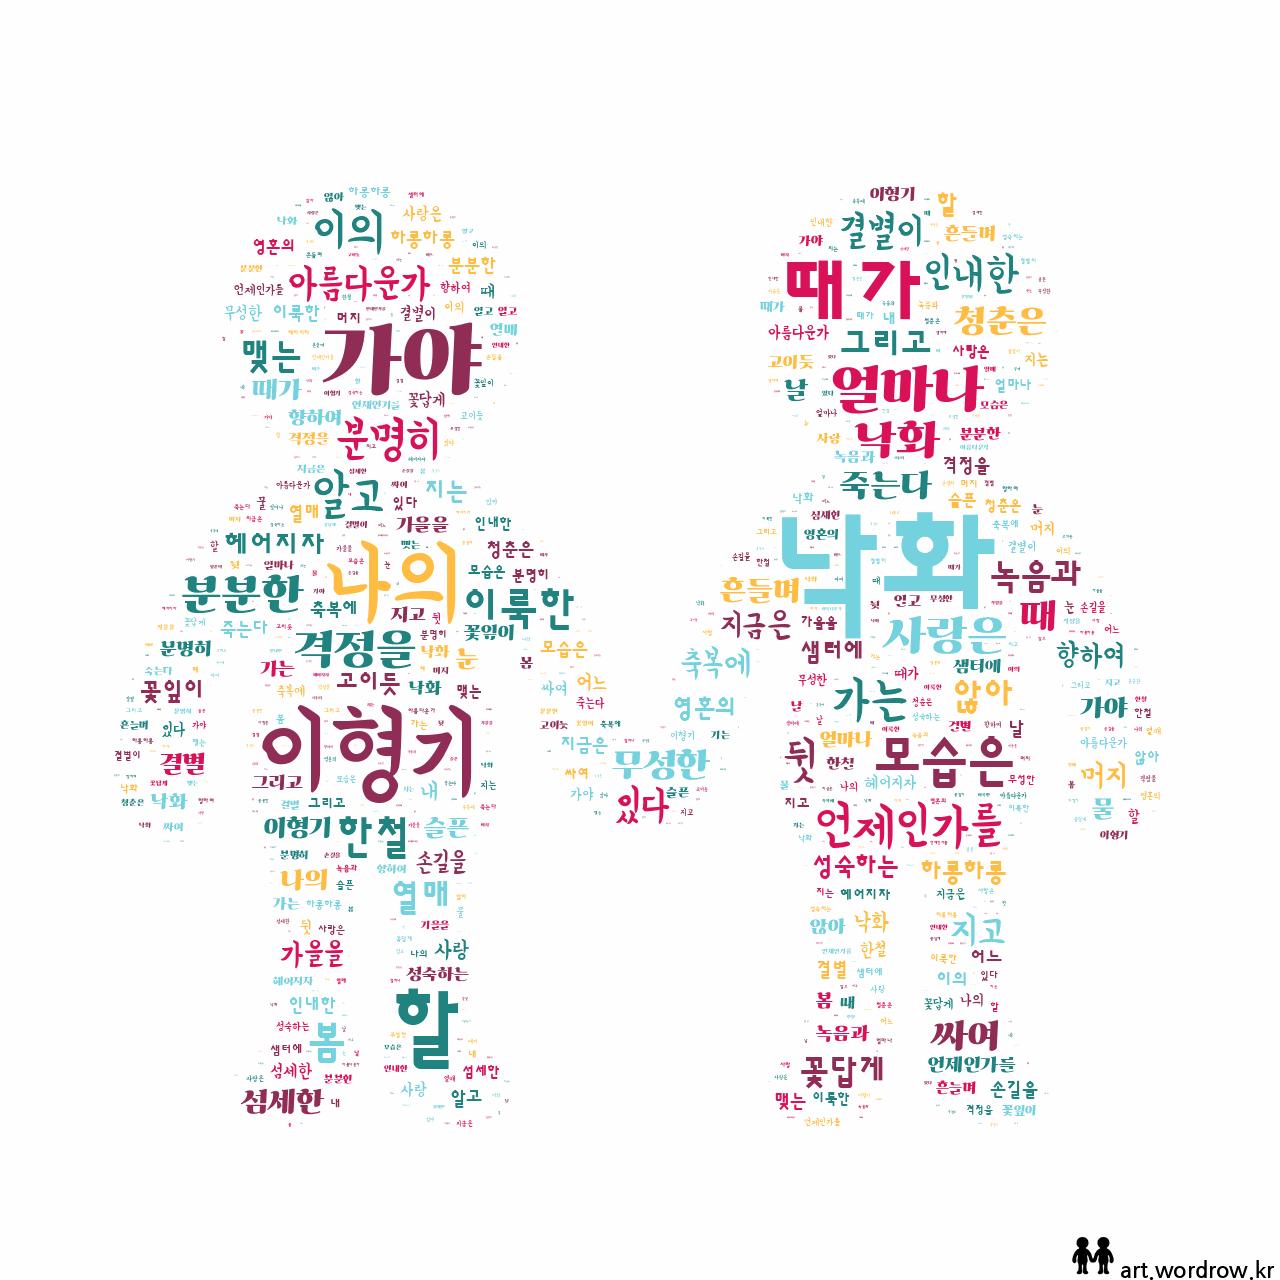 워드 클라우드: 낙화 [이형기]-21